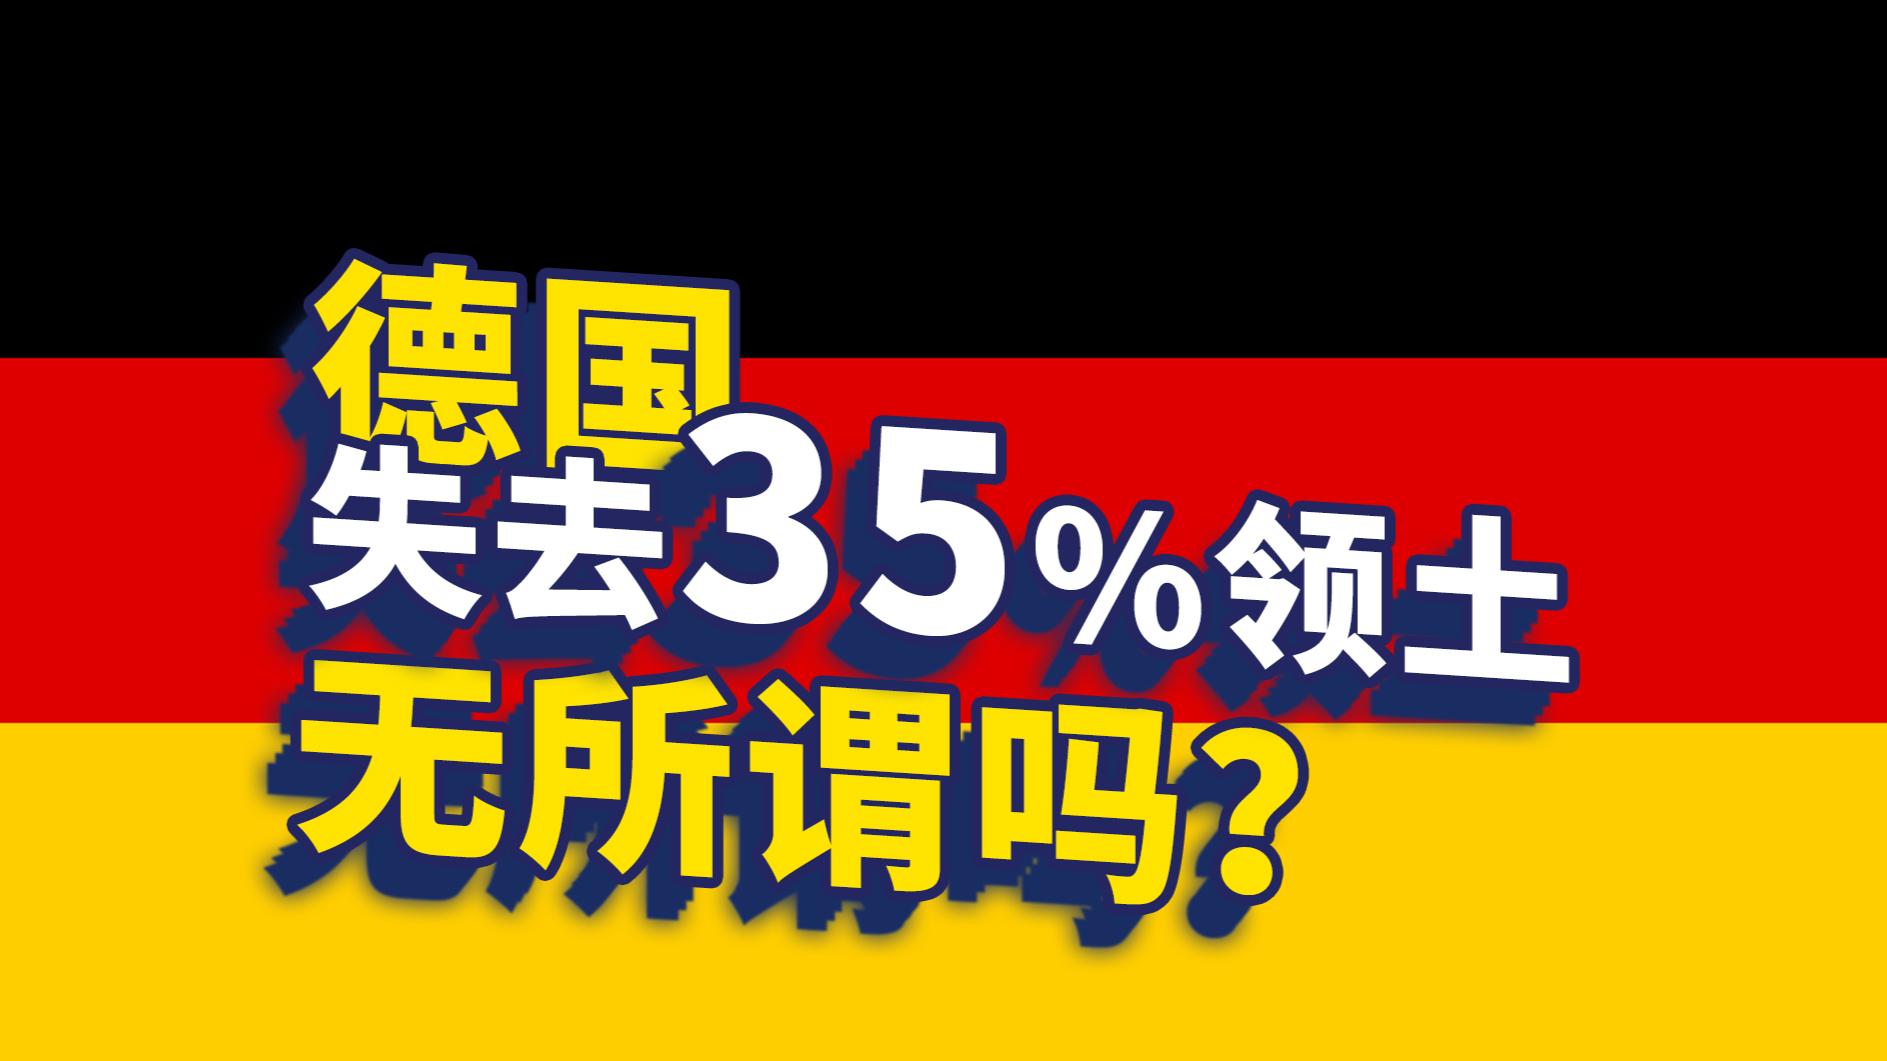 德国失去超过35%国土,怎么没有领土争端呢?